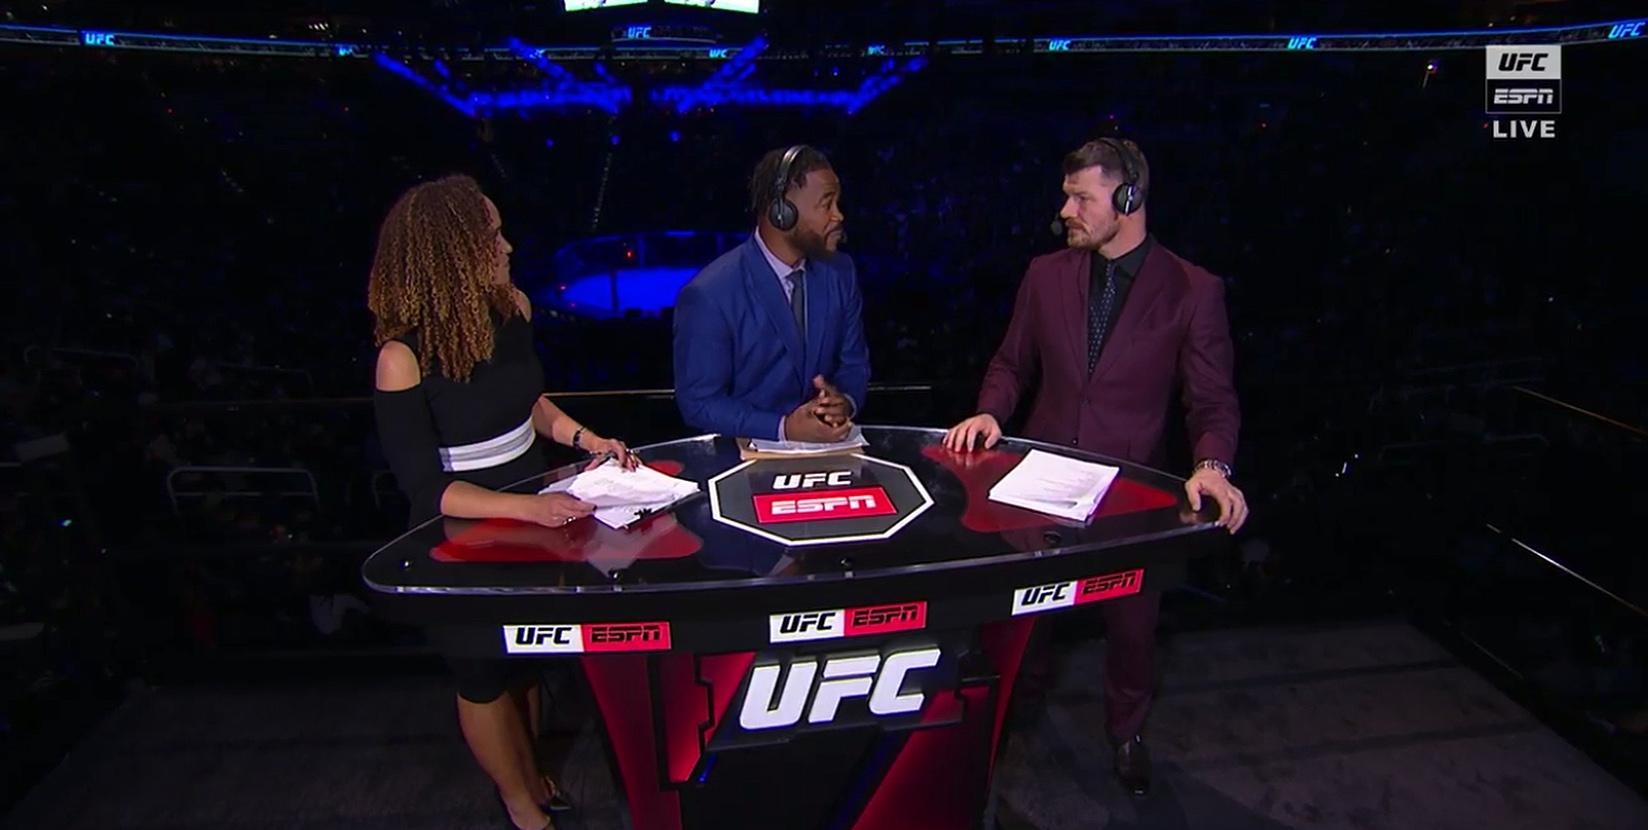 NCS_UFC-ESPN_0027